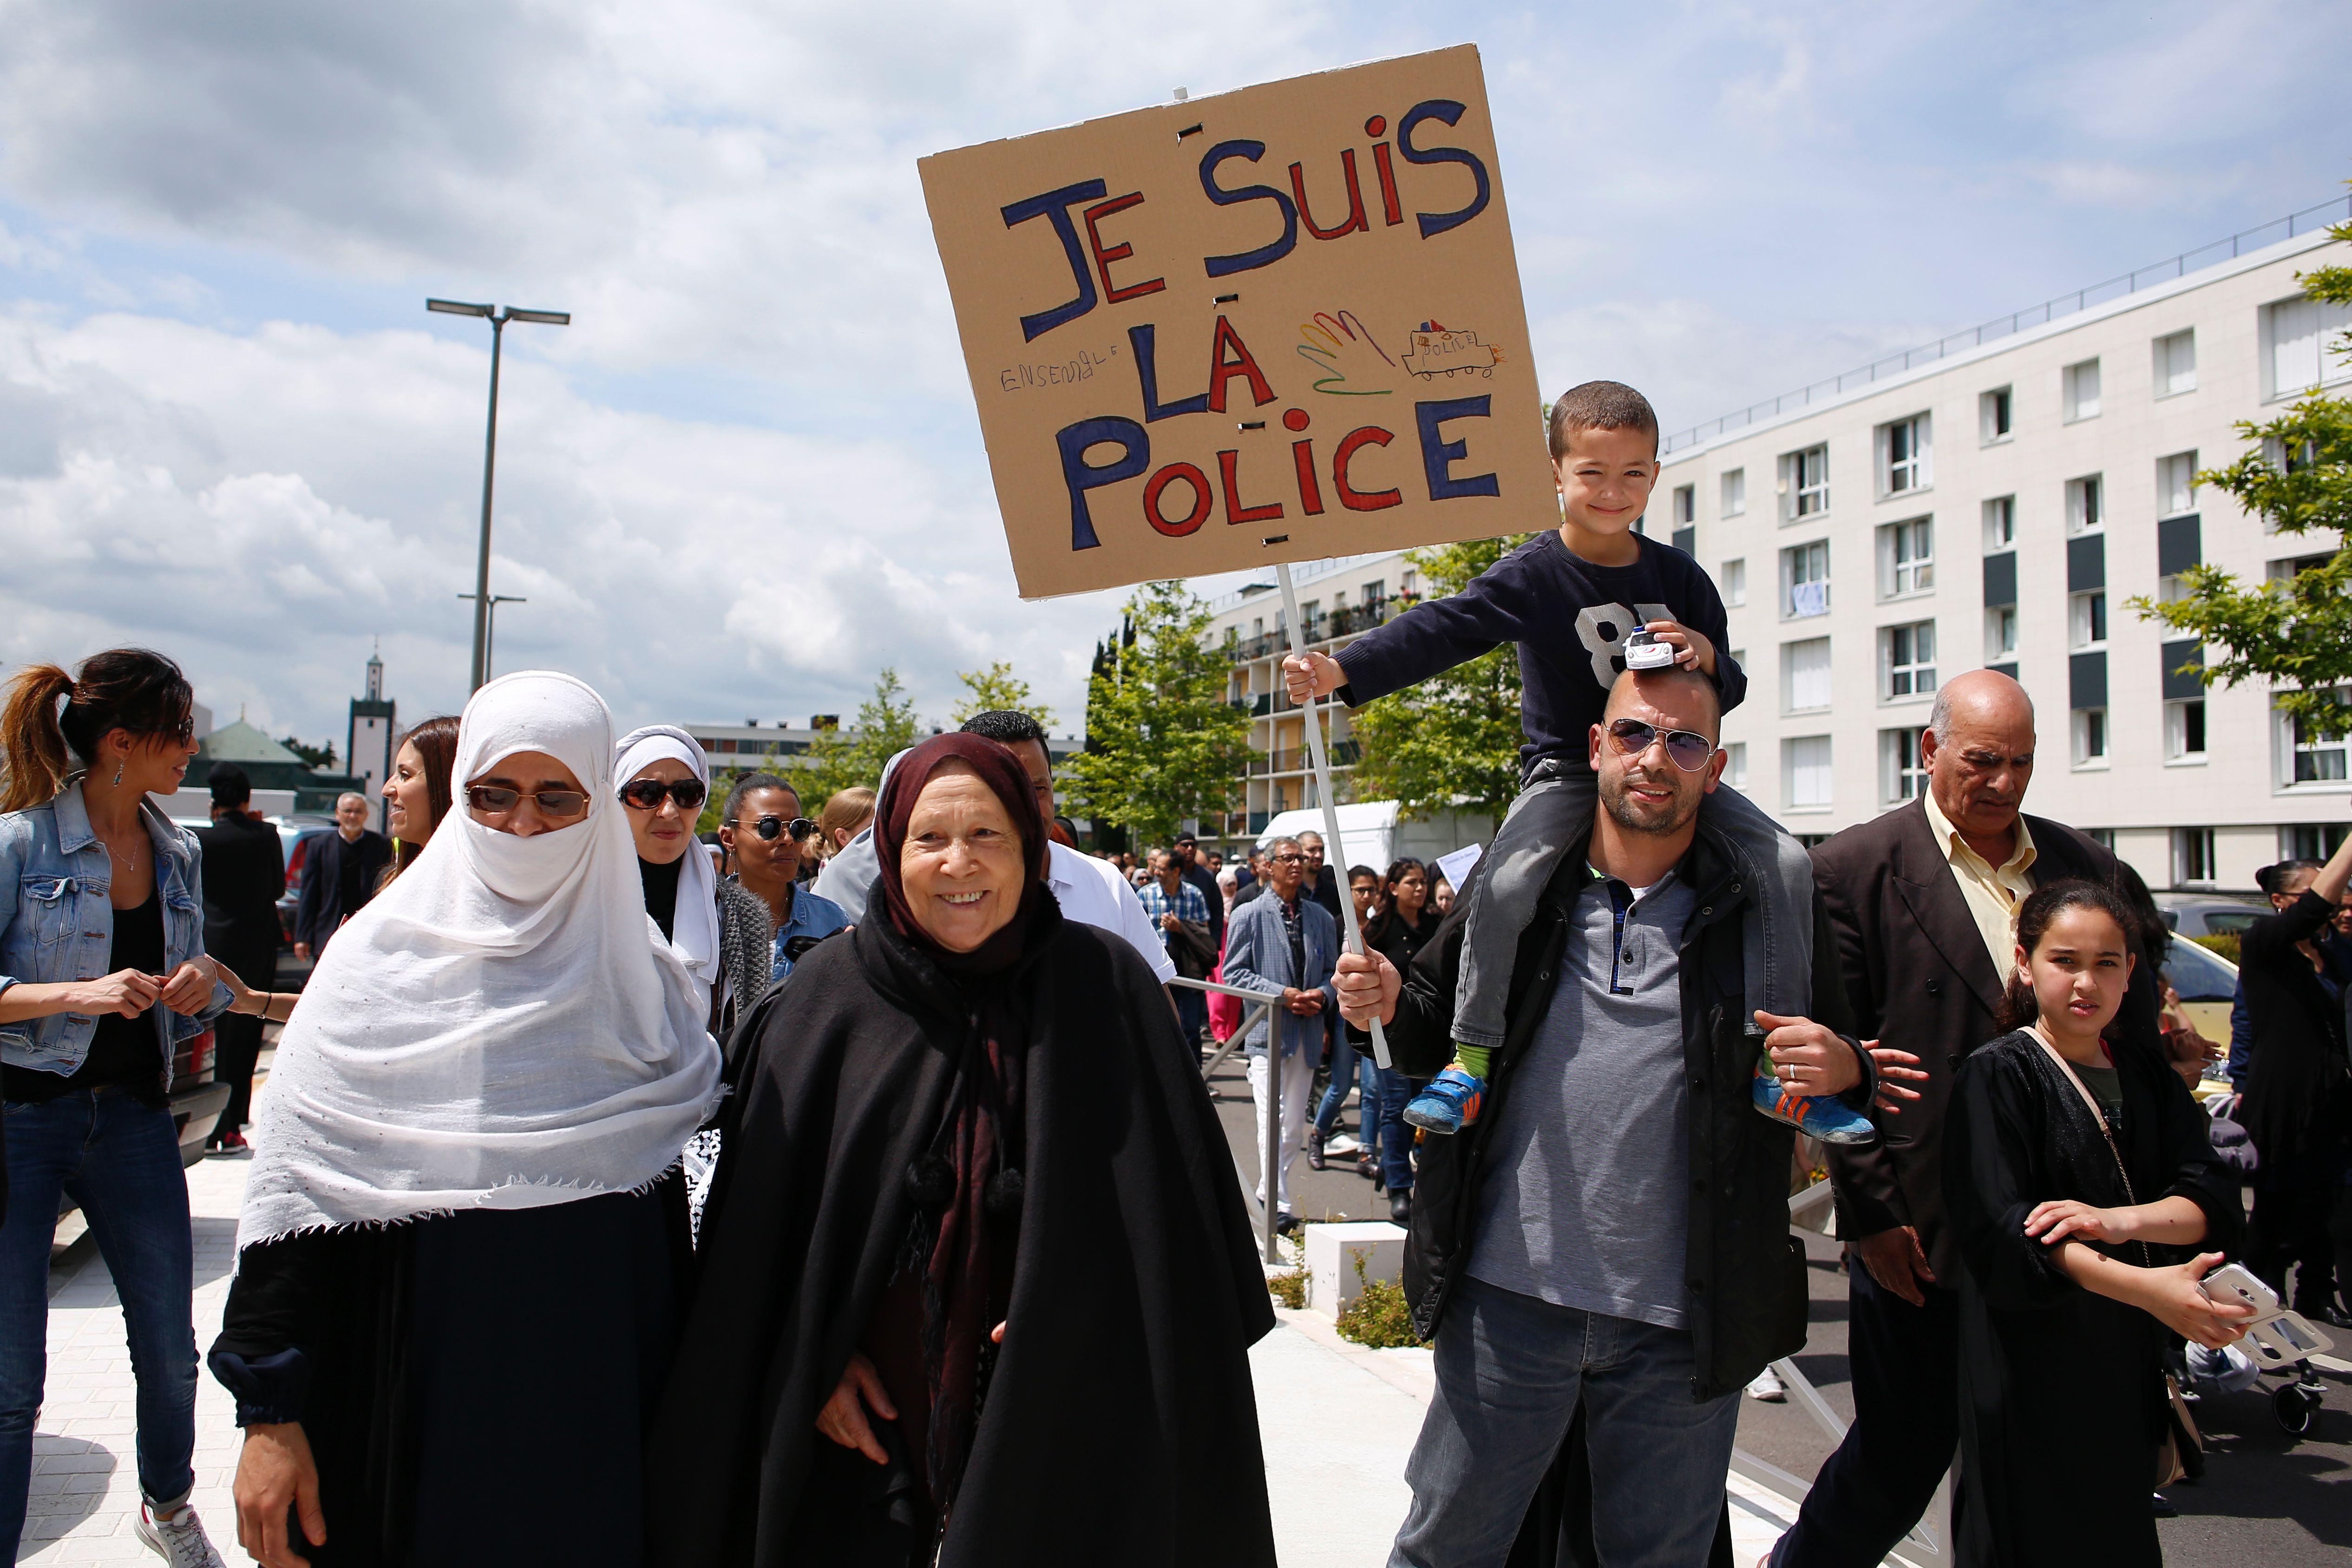 Les musulmans de France  manifestent leur rejet du jihadisme